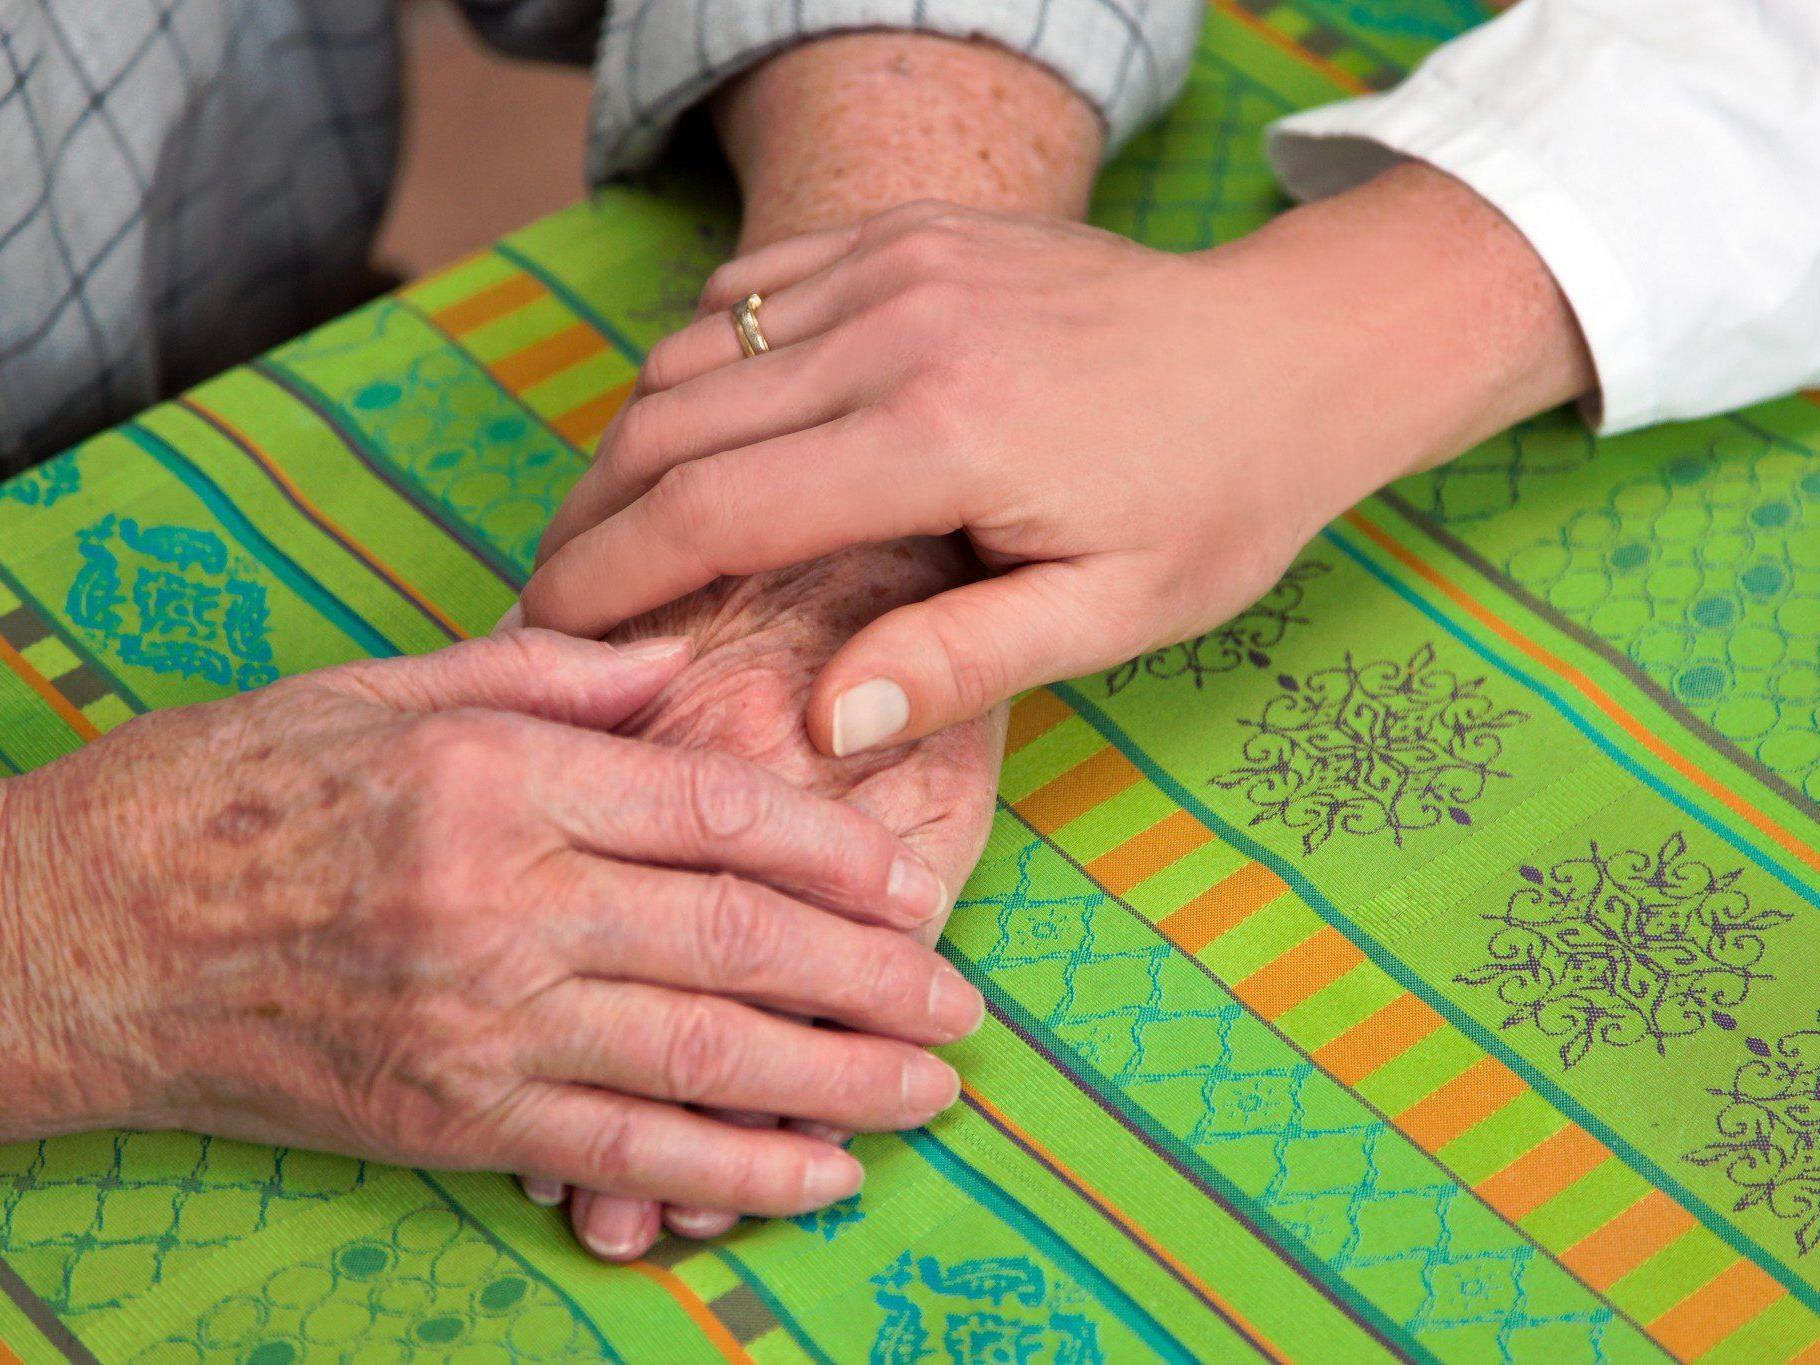 36 Millionen Demenzpatienten weltweit - Bildung und geistige Aktivitäten schützen.